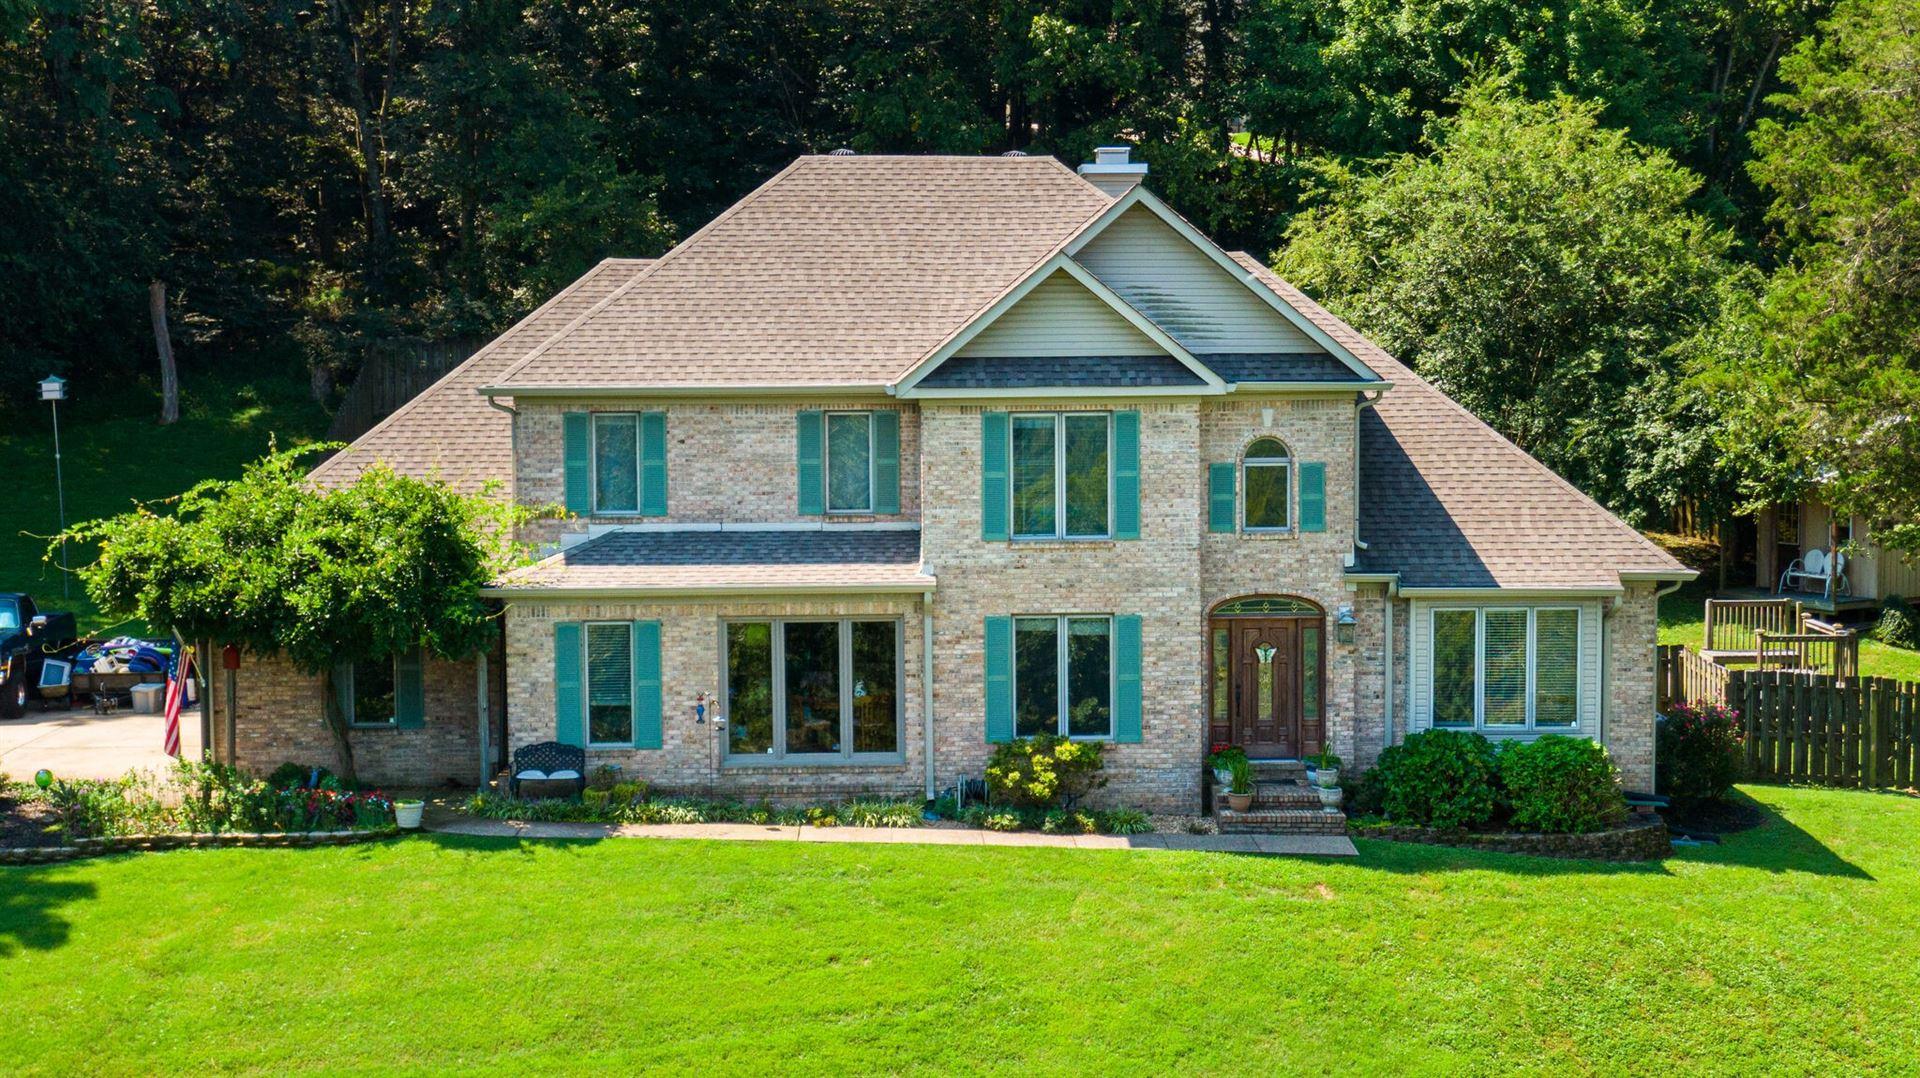 103 Hogan Ln, Columbia, TN 38401 - MLS#: 2292178